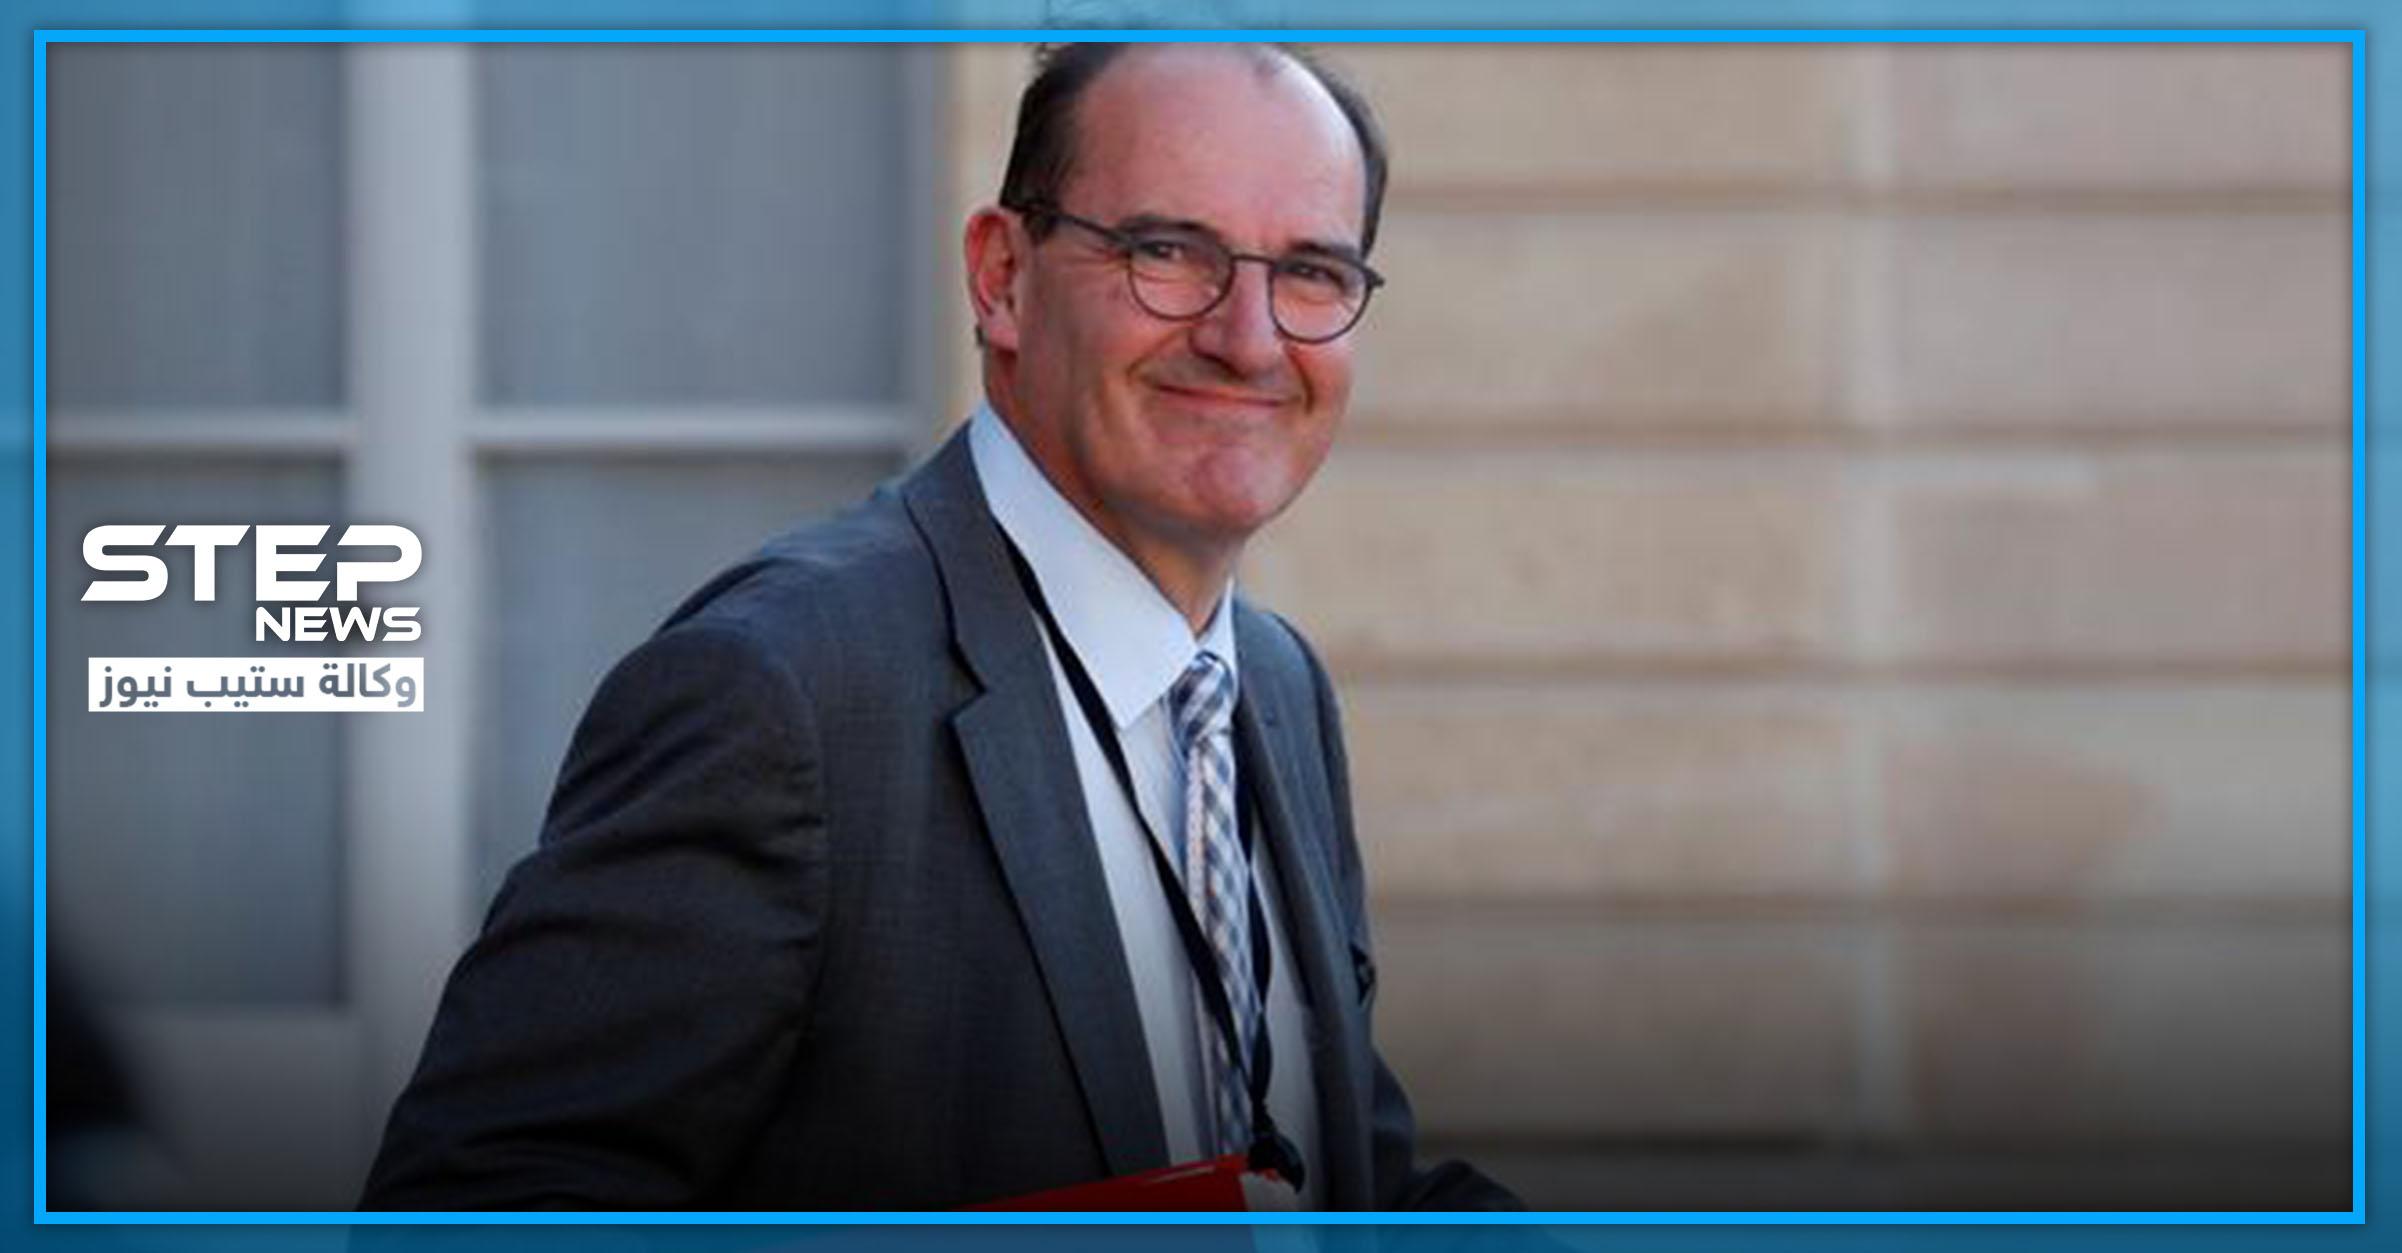 كاستيكس رئيسًا لوزراء فرنسا بعد استقالة فيليب